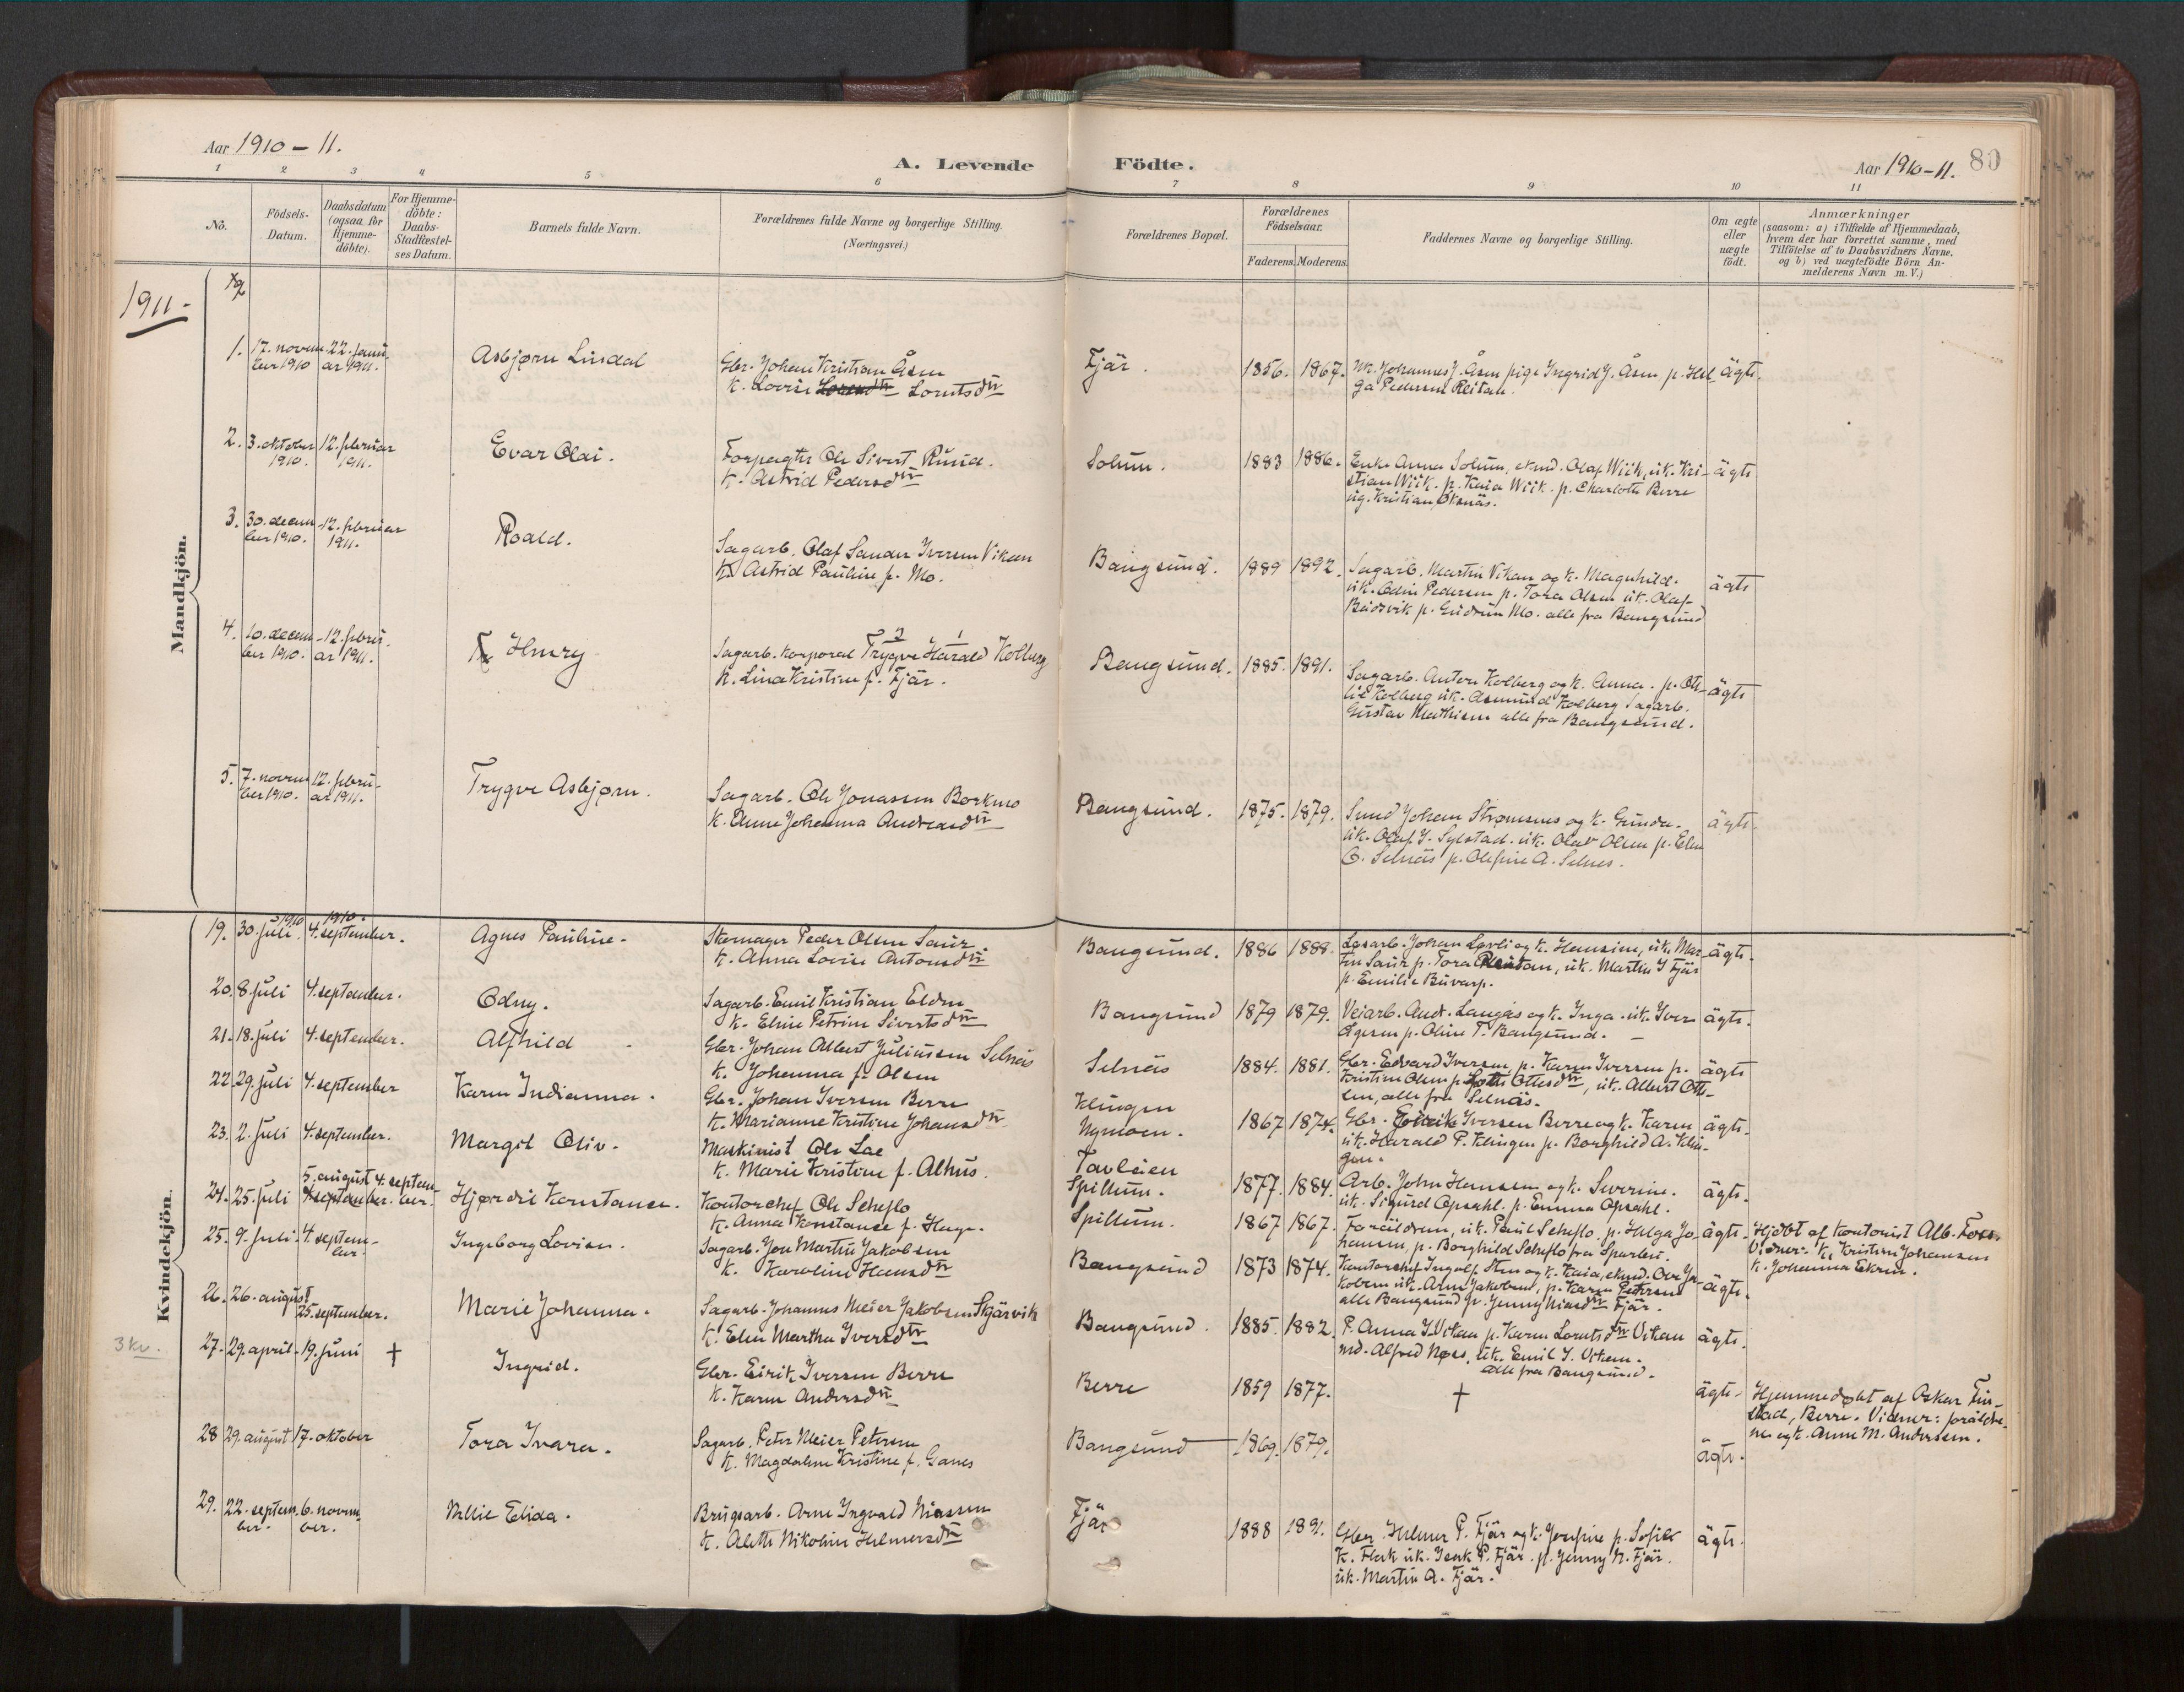 SAT, Ministerialprotokoller, klokkerbøker og fødselsregistre - Nord-Trøndelag, 770/L0589: Ministerialbok nr. 770A03, 1887-1929, s. 80